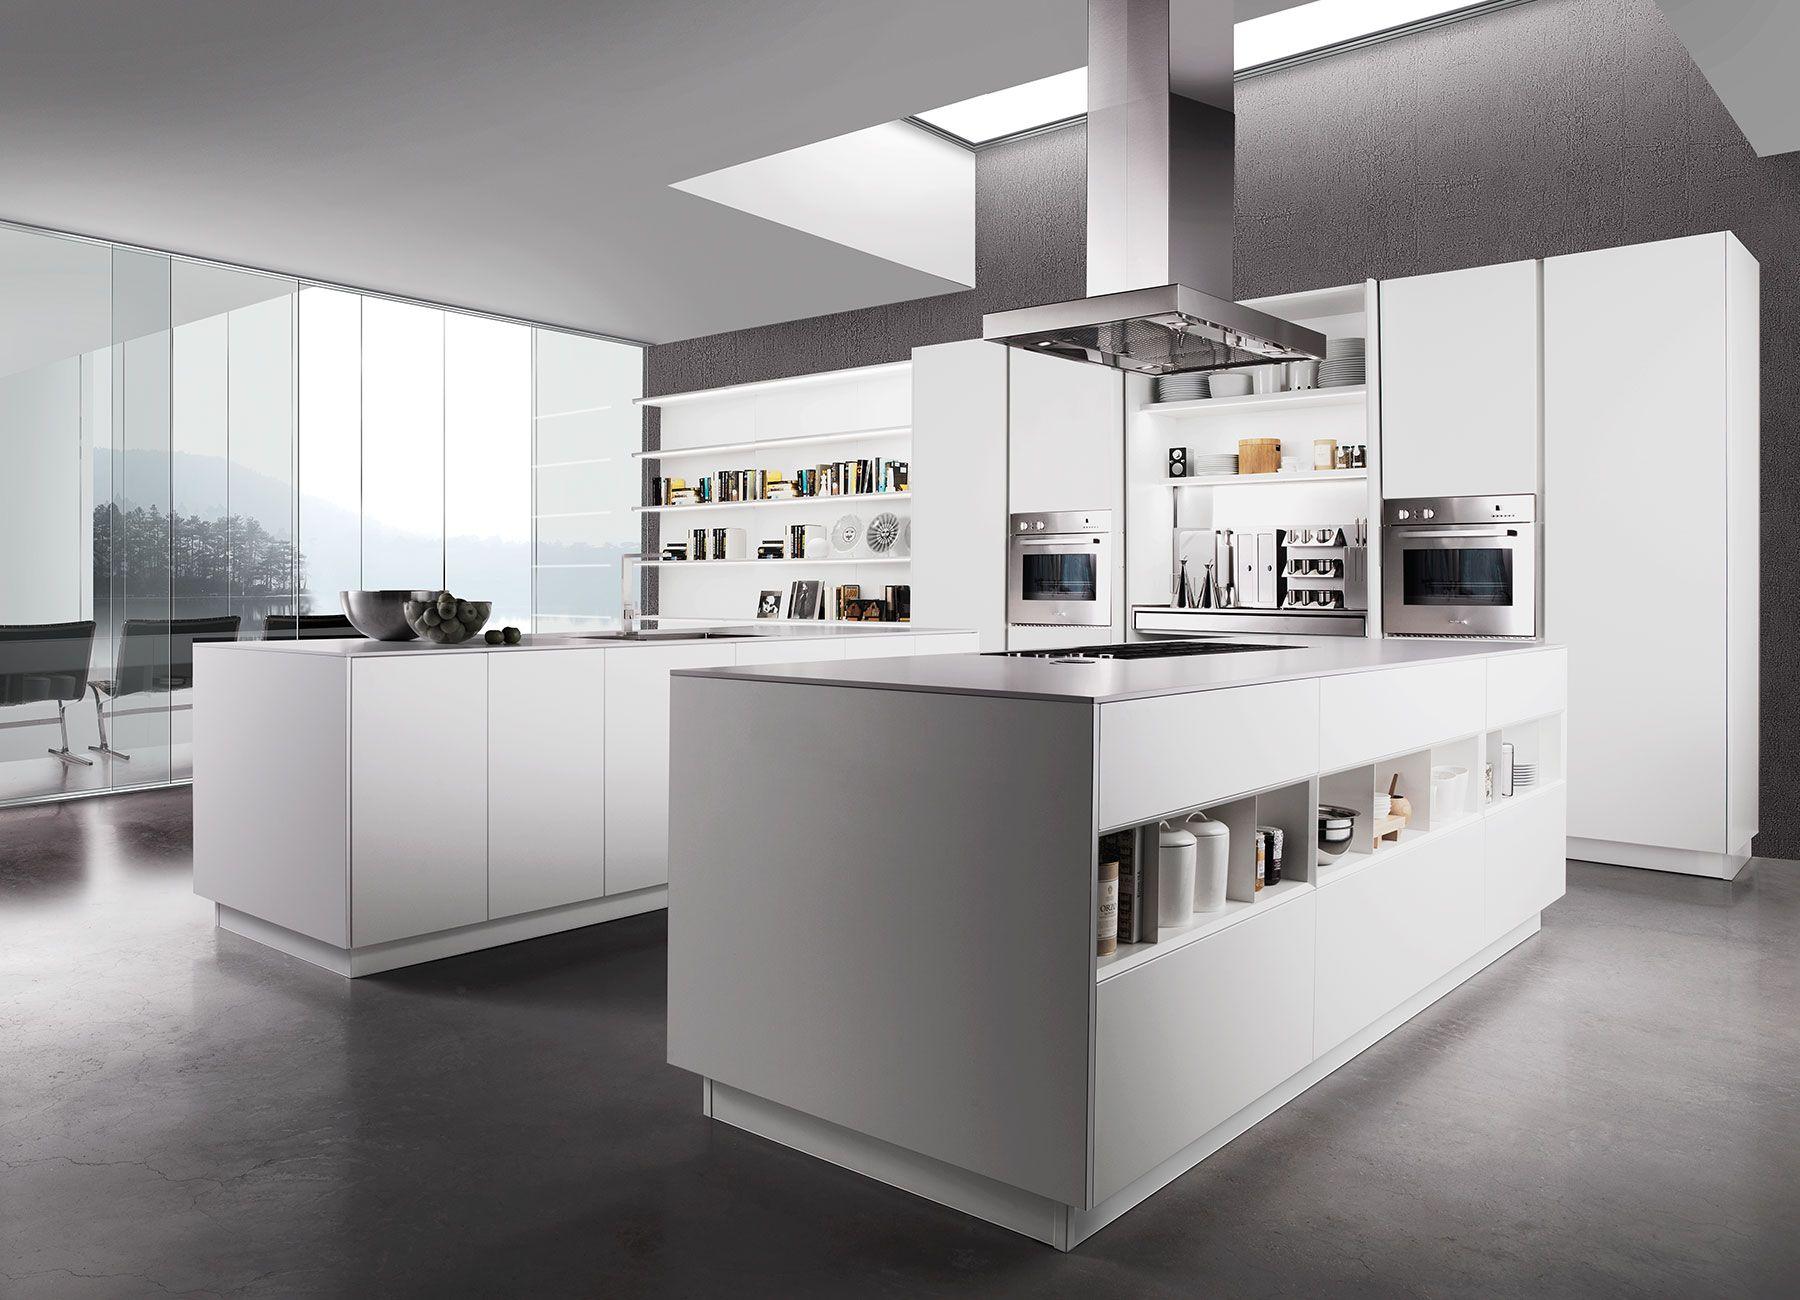 miton cucine kitchen pinterest kitchen kitchen design and rh pinterest com